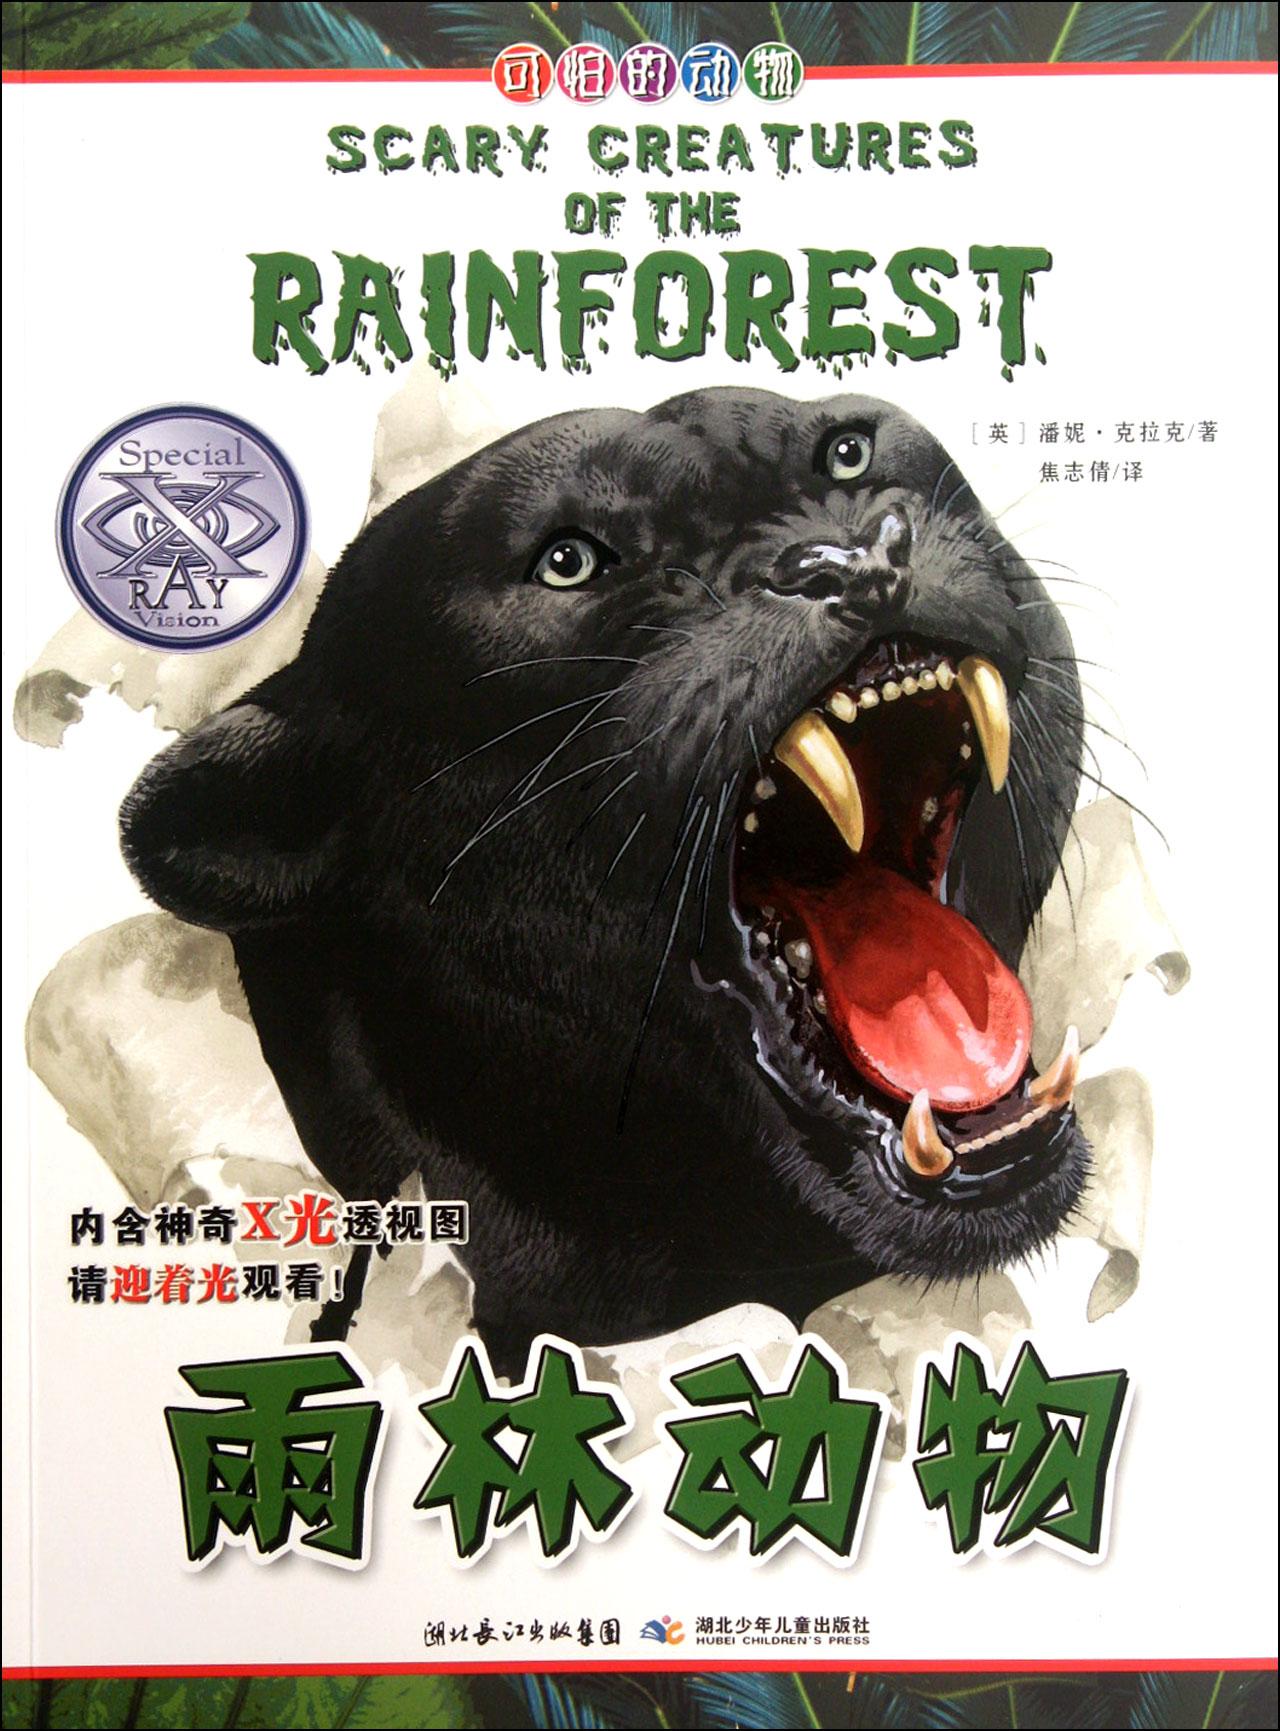 可怕的动物.雨林动物;; 可怕的动物.